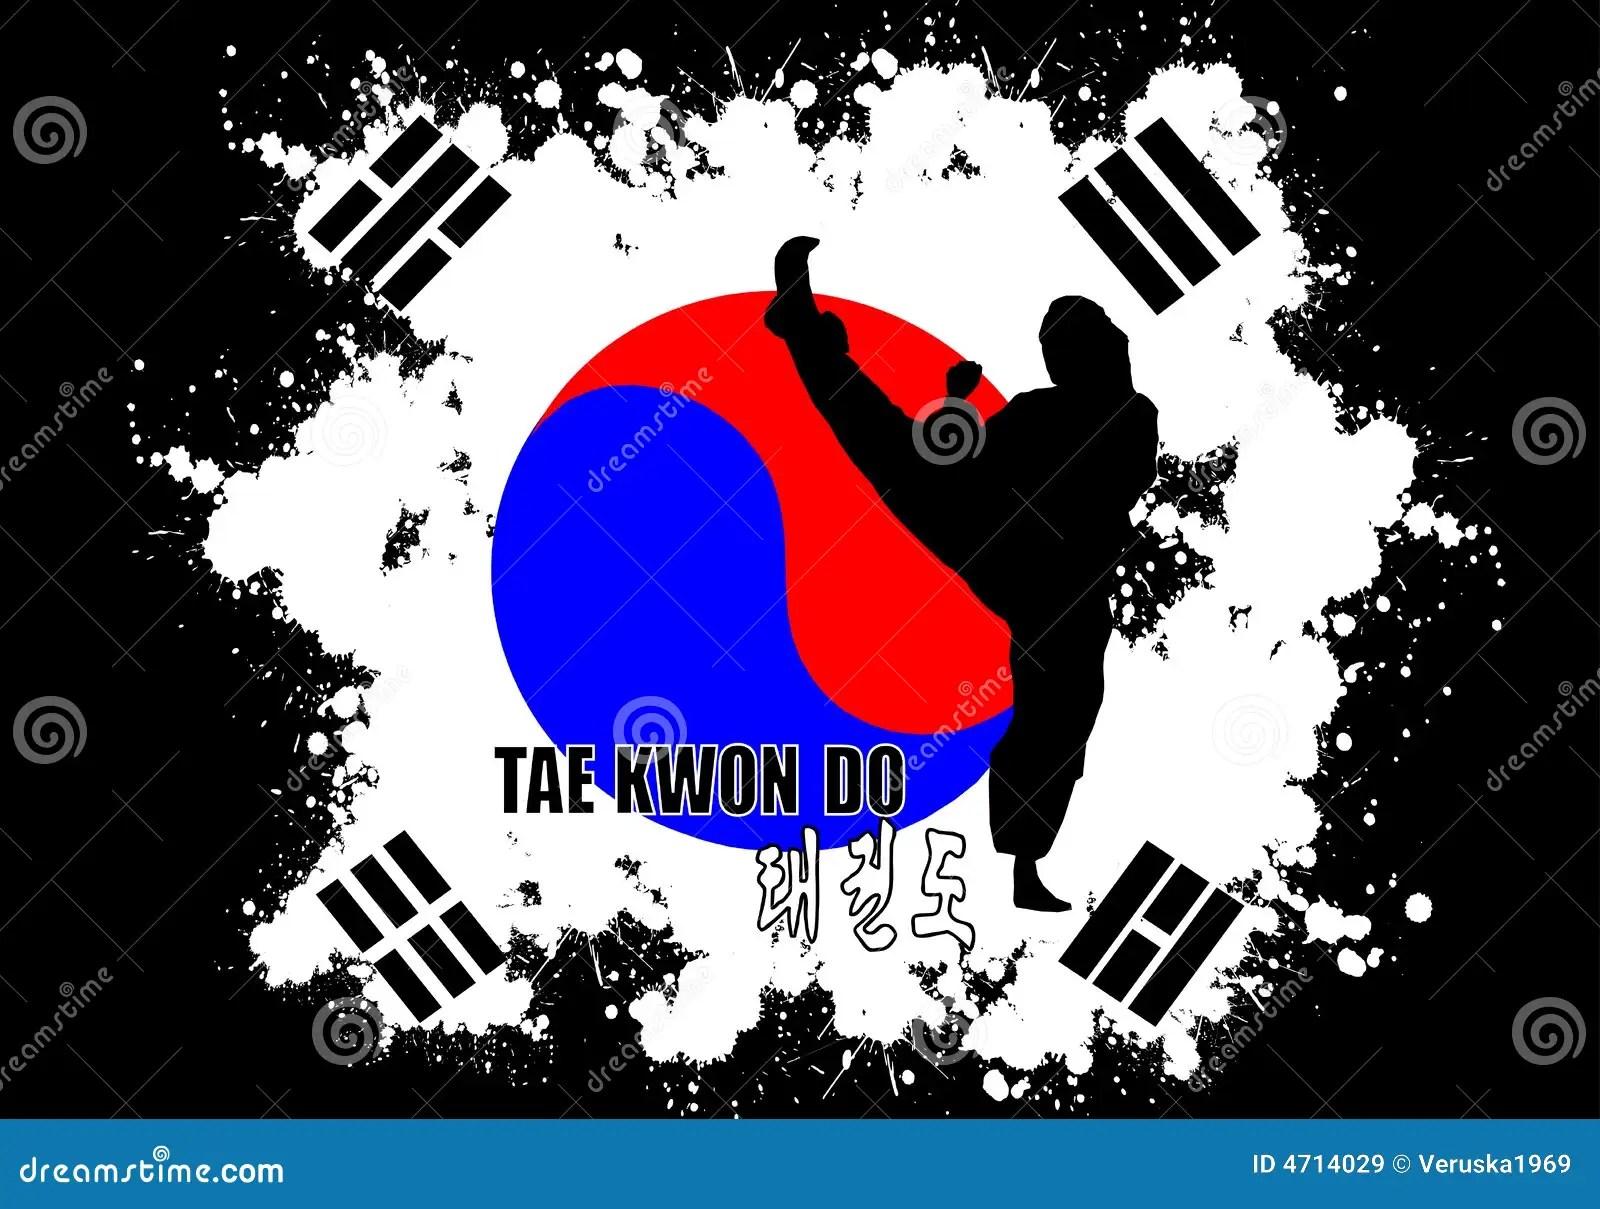 Taekwondo Itf Wallpaper 3d Taekwondo Immagini Stock Libere Da Diritti Immagine 4714029